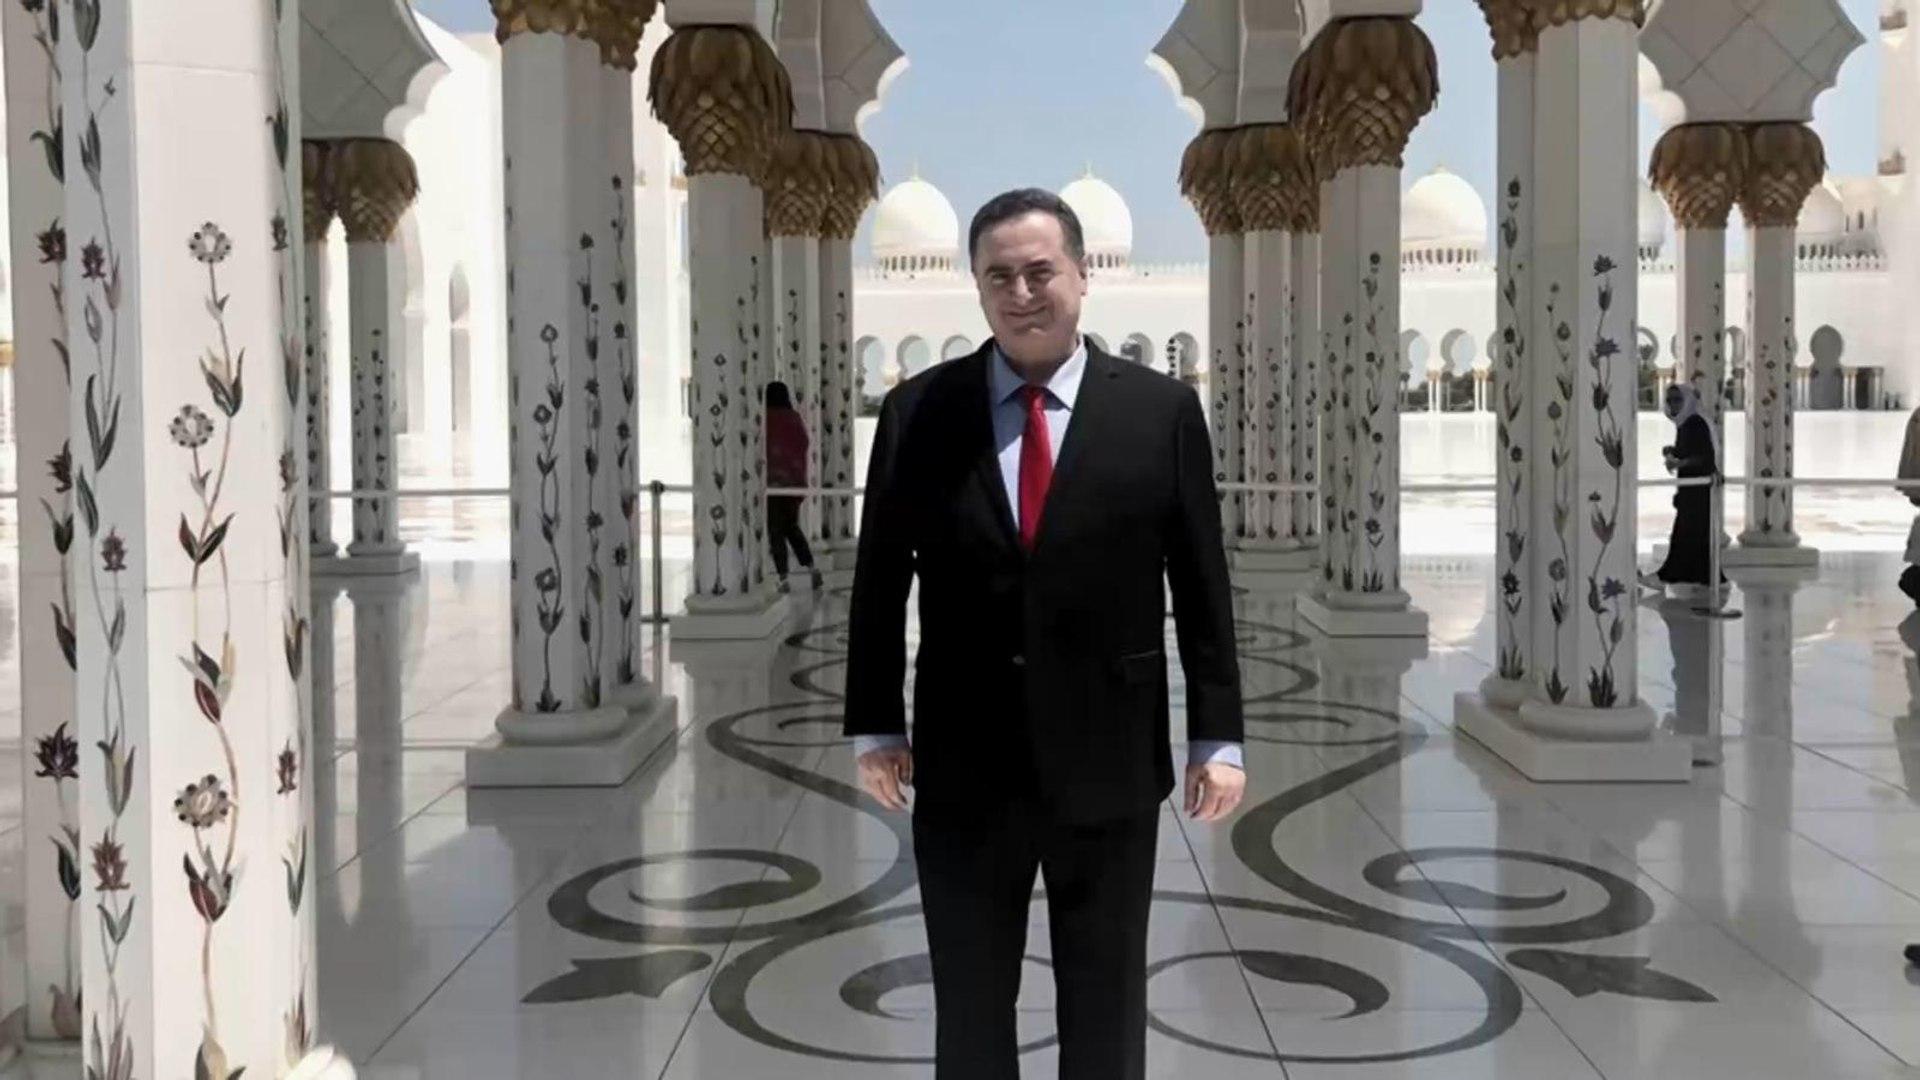 الإمارات تستقطب ضباط مخابرات إسرائيليين.. ما حقيقة العلاقات بين الإمارات وإسرائيل؟